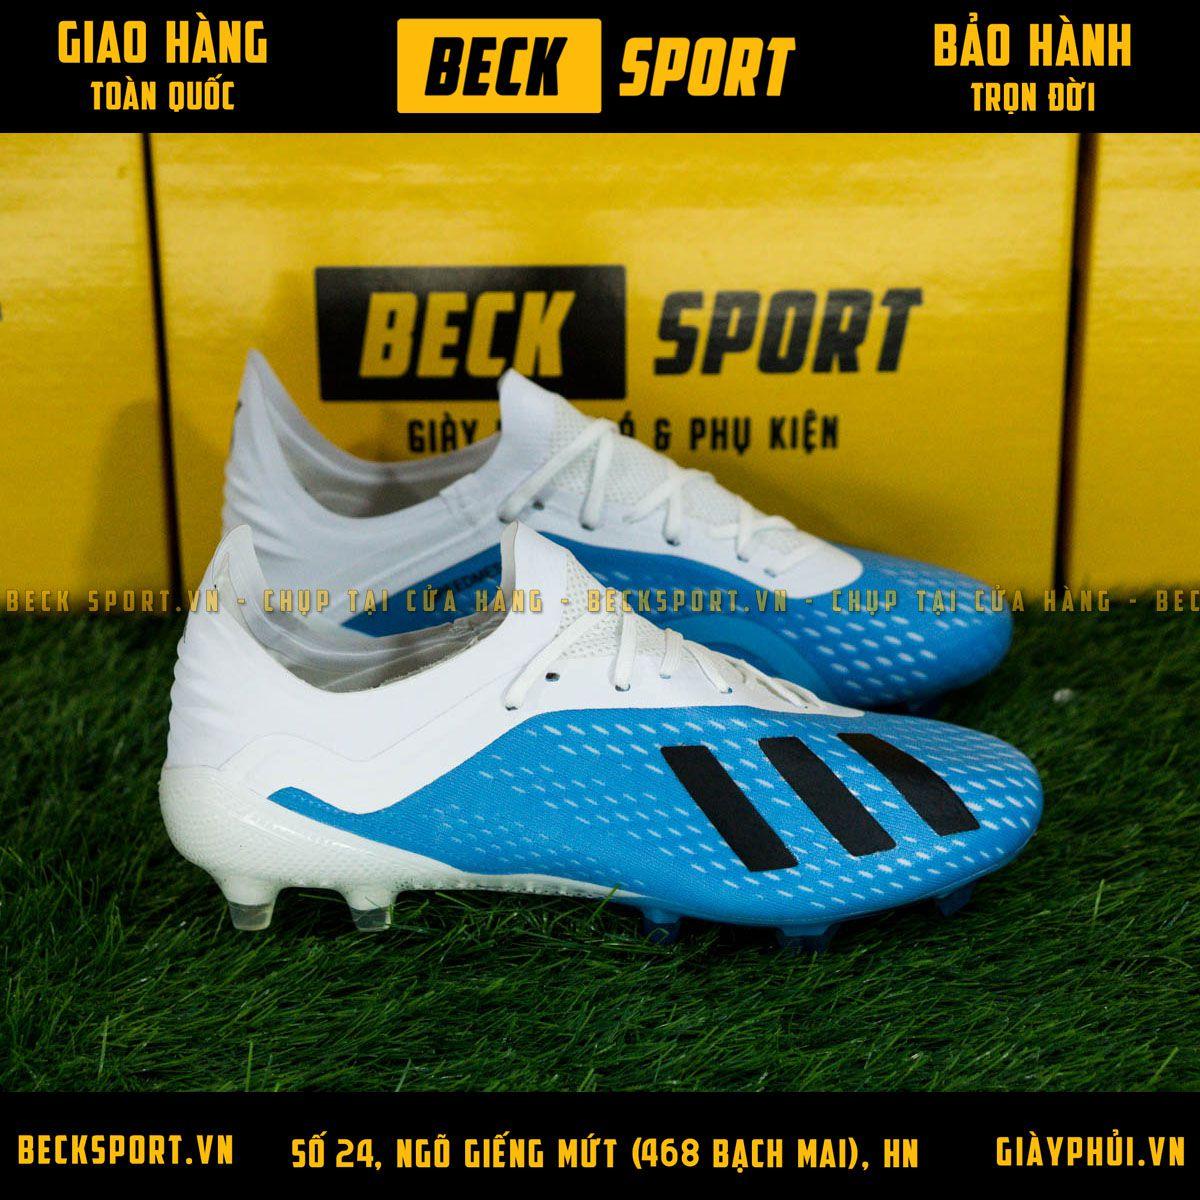 Giày Bóng Đá Adidas X 18.1 Xanh Biển Vạch Đen Gót Trắng FG